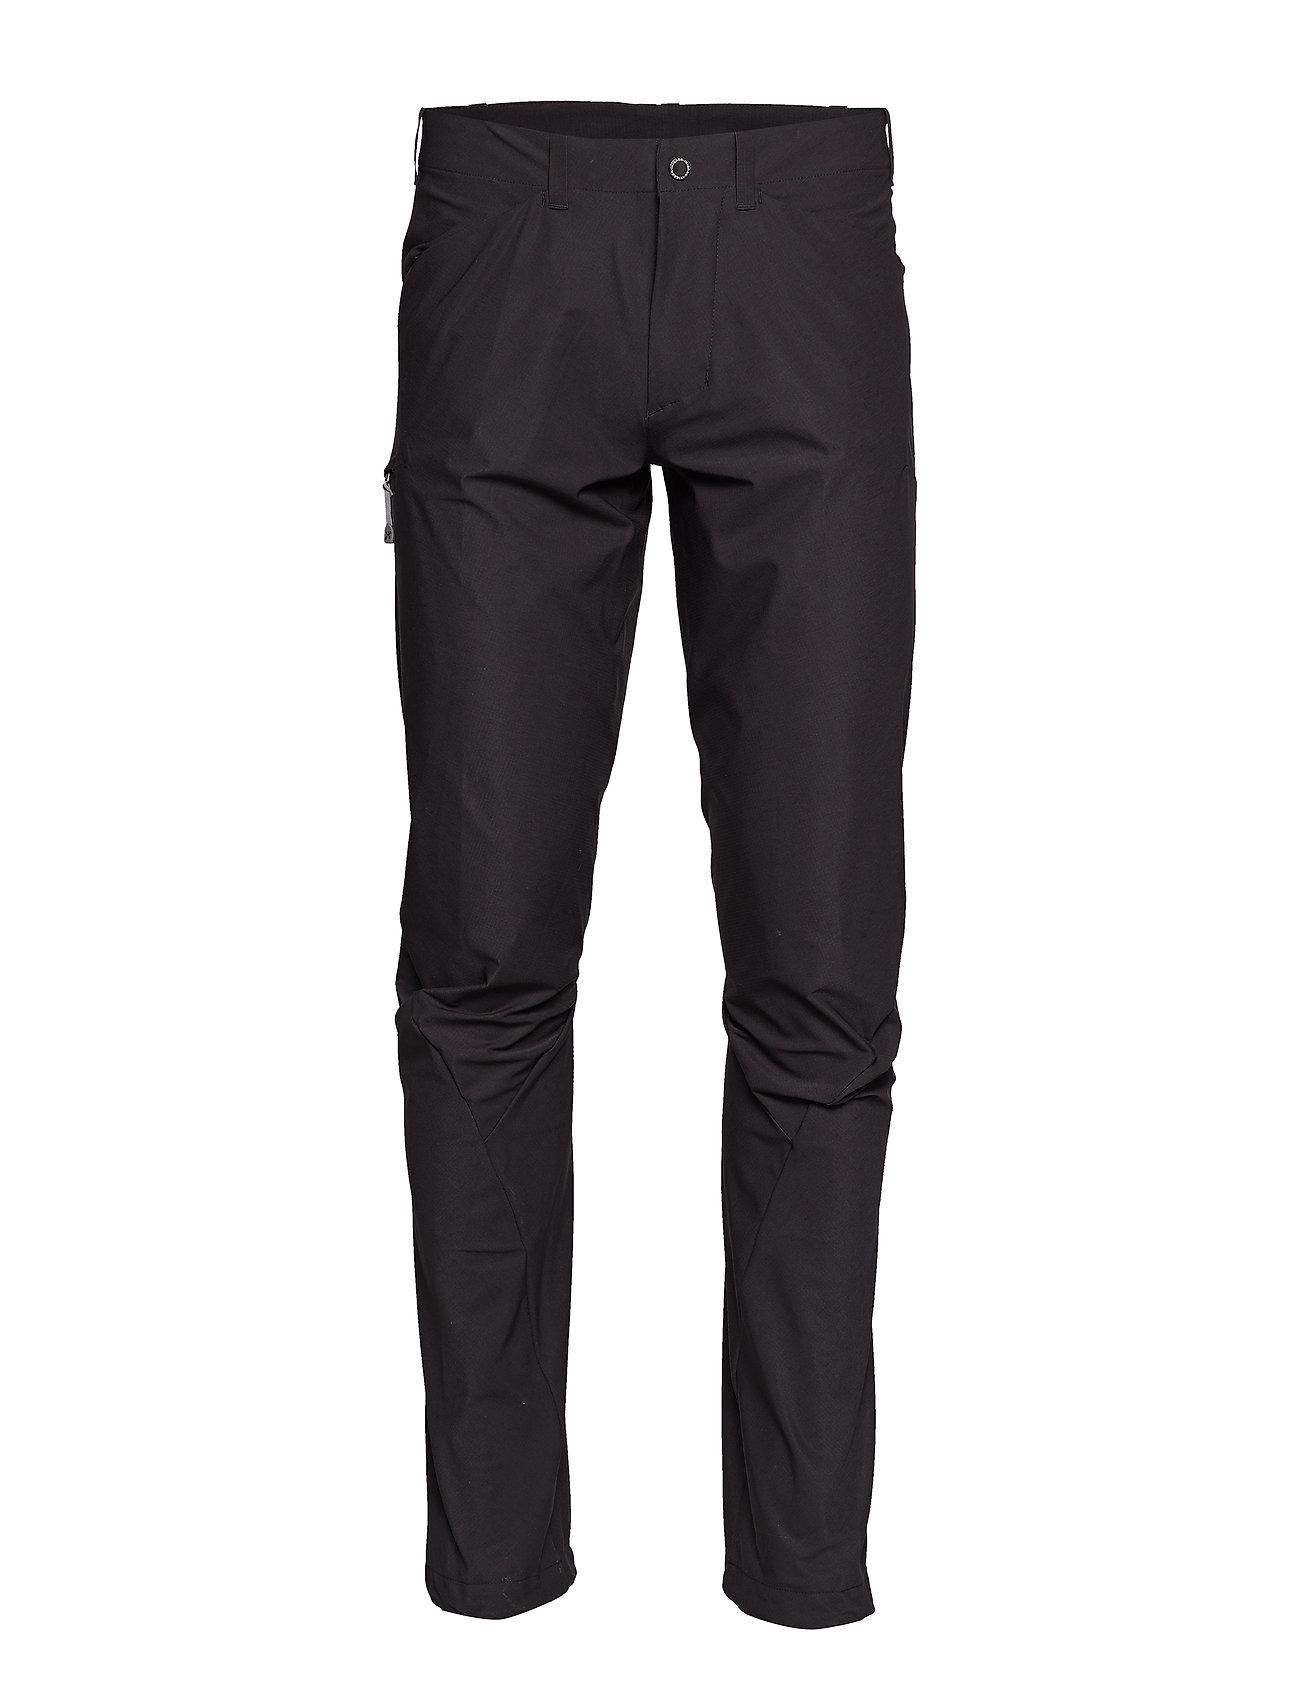 Houdini M's Daybreak Pants - TRUE BLACK